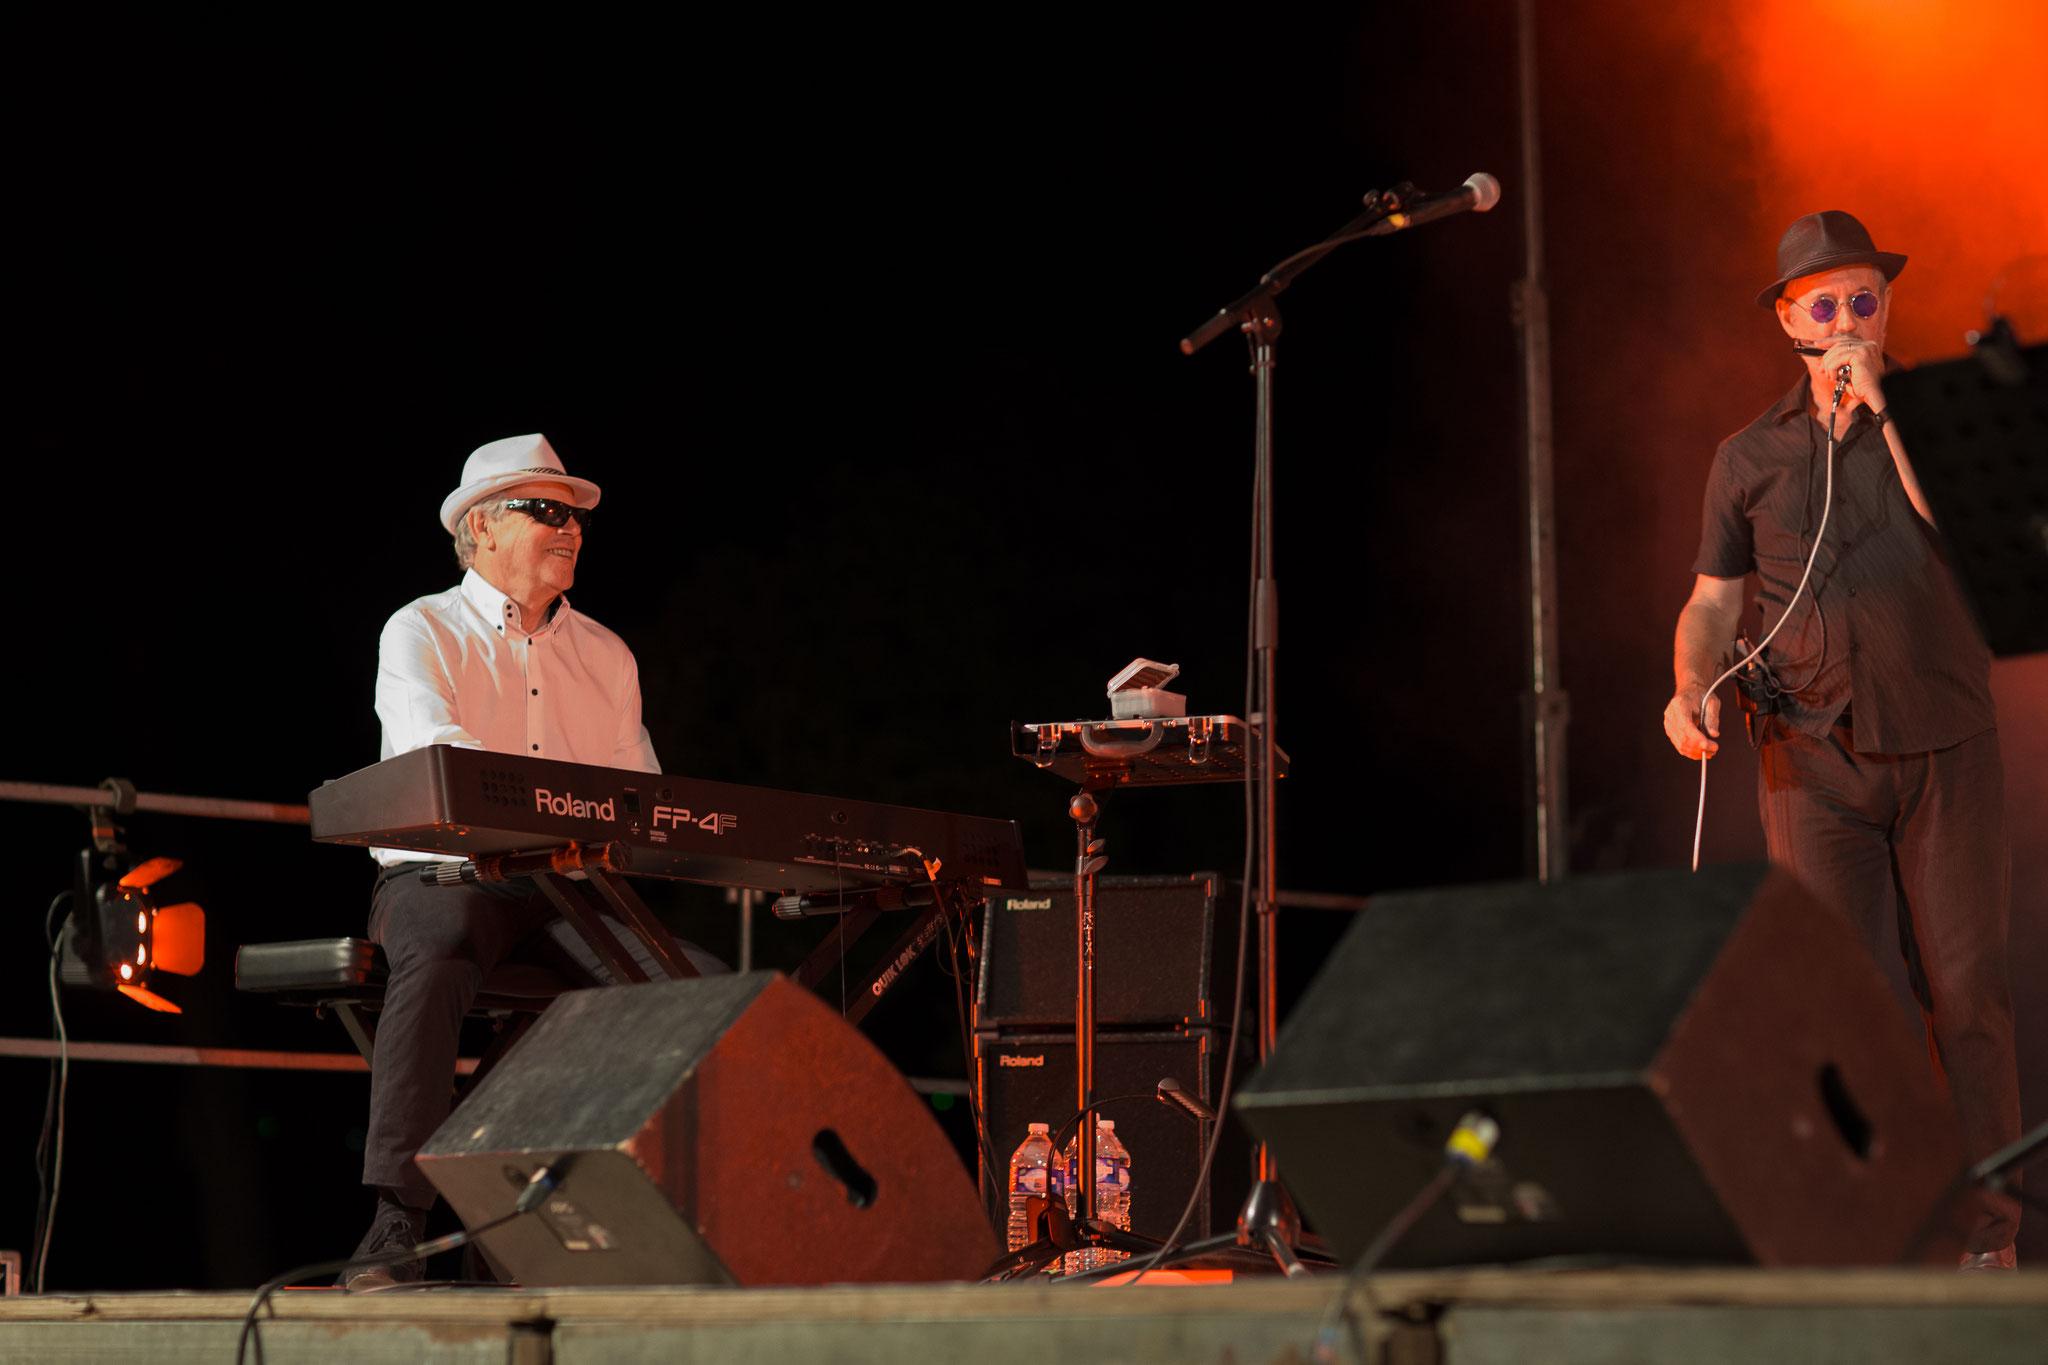 Jean-Louis et Marc aux Nuits Mandréennes à St Mandrier sur Mer (83) en Juillet 2013.